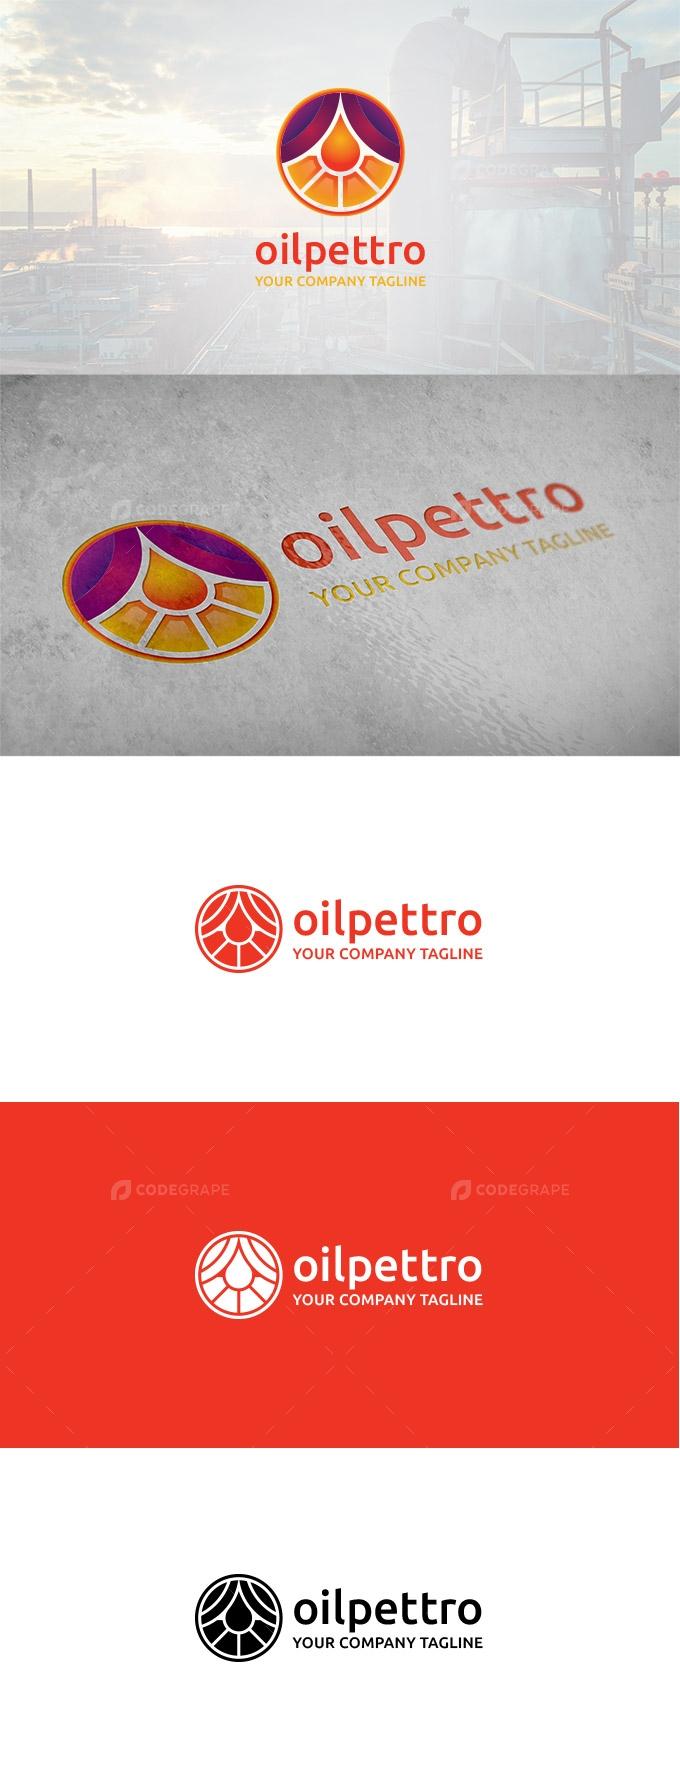 Oilpettro - Oil Company Logo